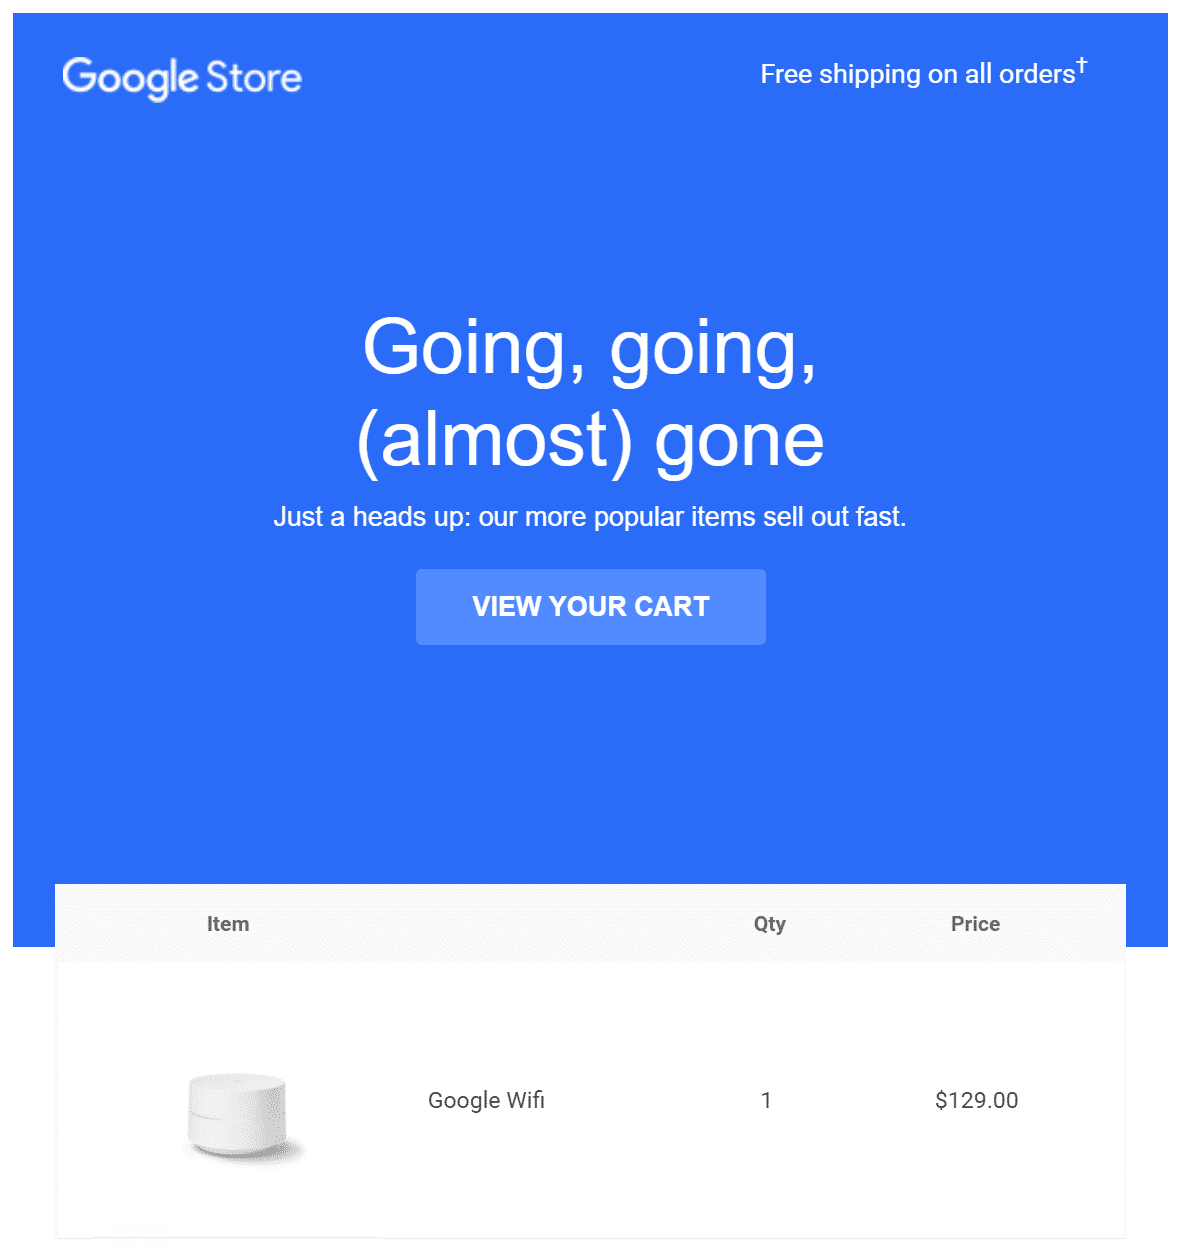 Ett exempel på en rabattkod för Google Store